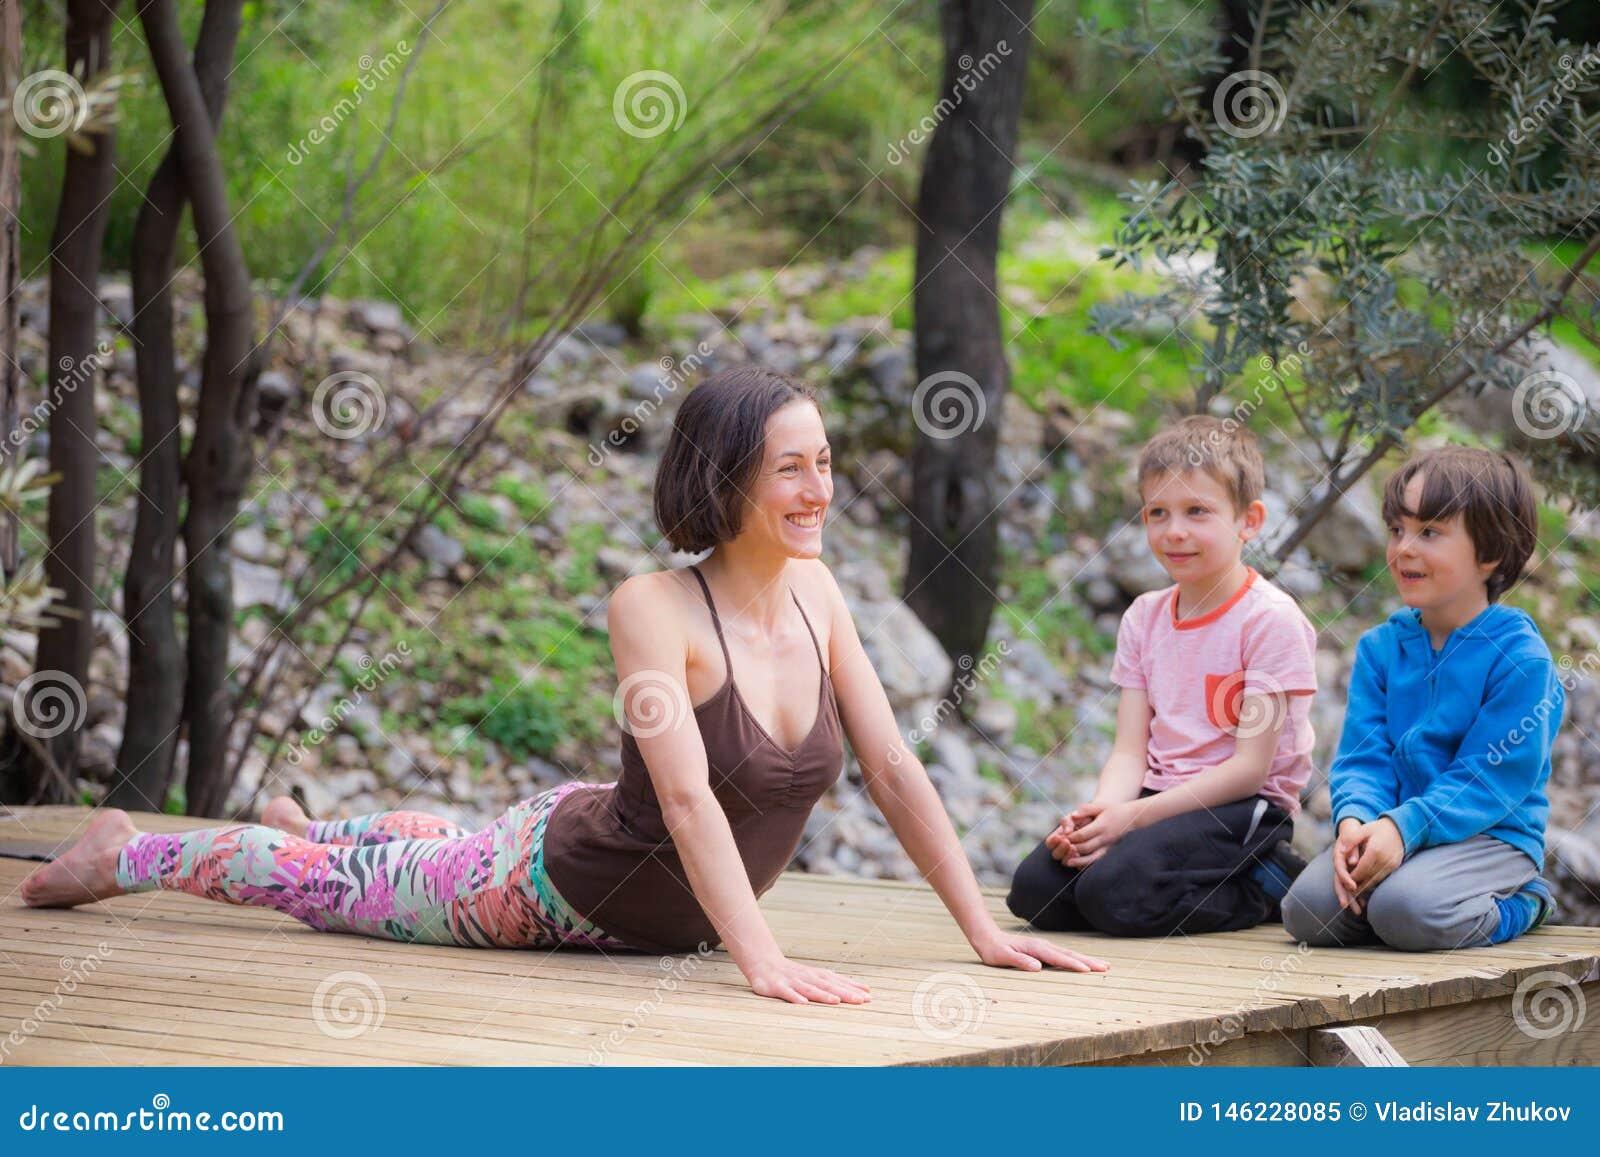 Une femme s exerce avec des enfants dans la cour